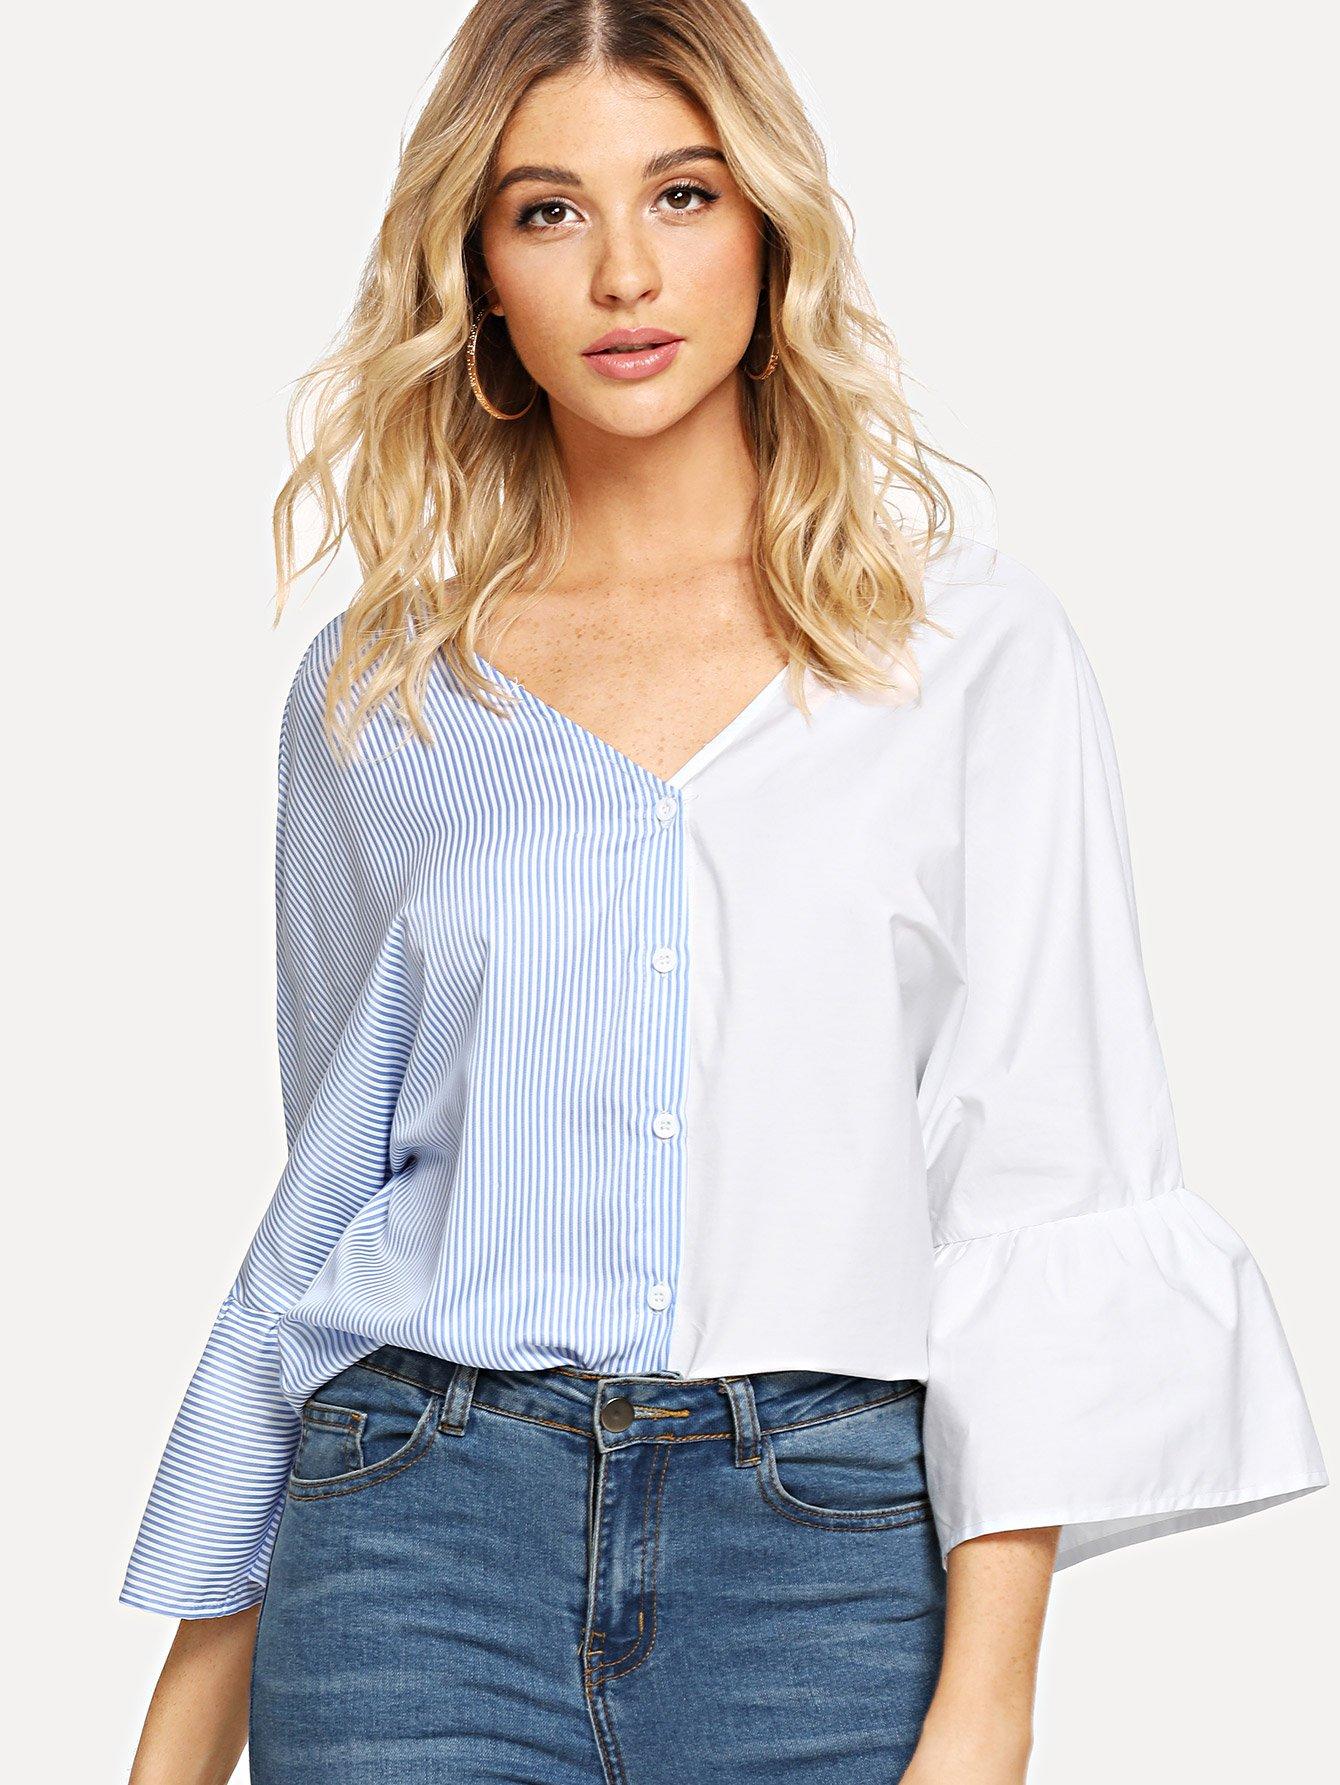 Купить Полосатая рубашка с двухцветными расклешенными рукавами, Nathane, SheIn